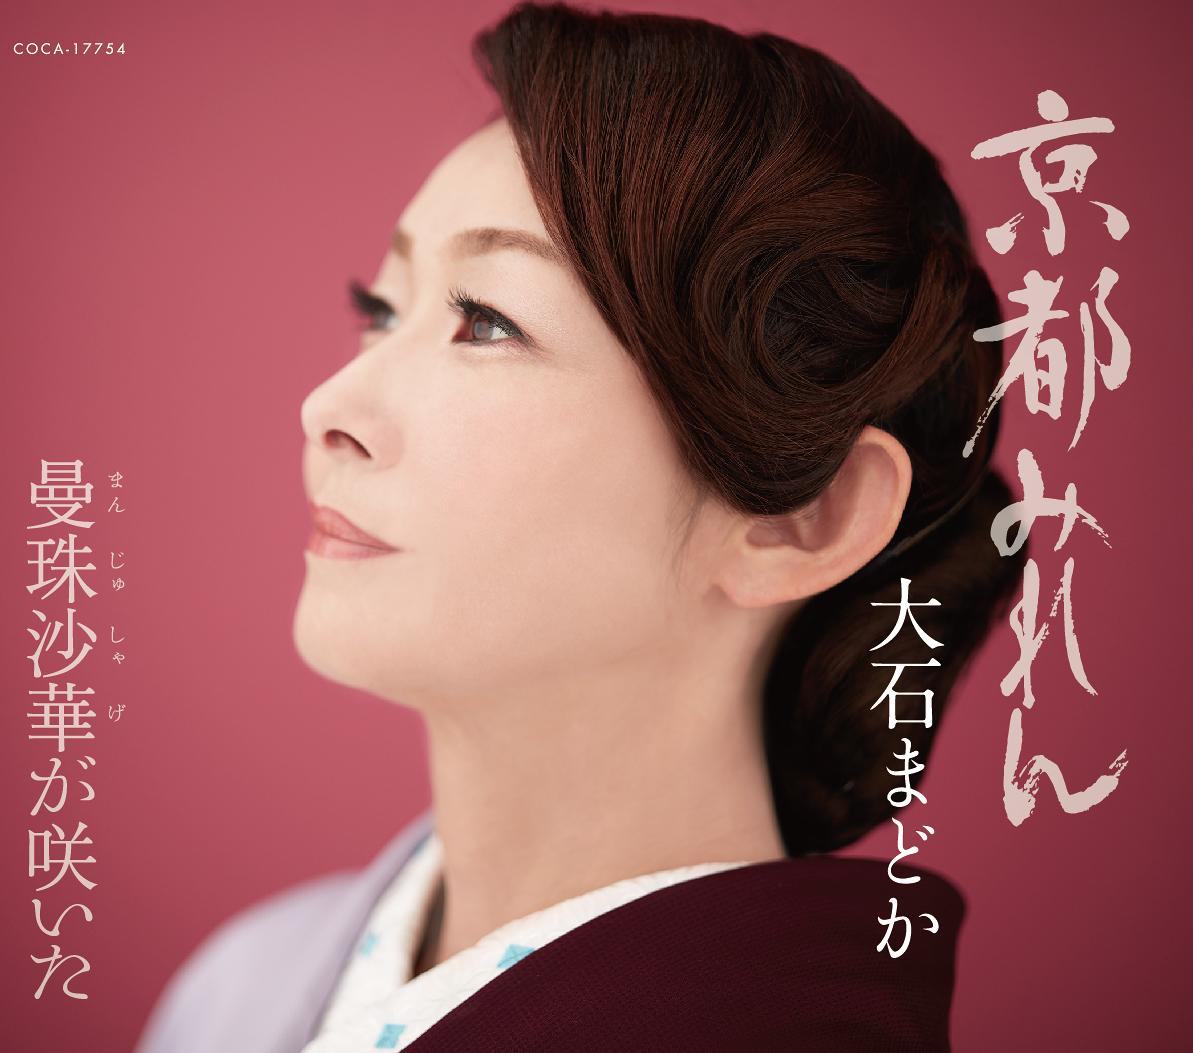 演歌歌手・大石まどか、初のYouTubeトークライブ「生ハイ!」vol.1 開催サムネイル画像